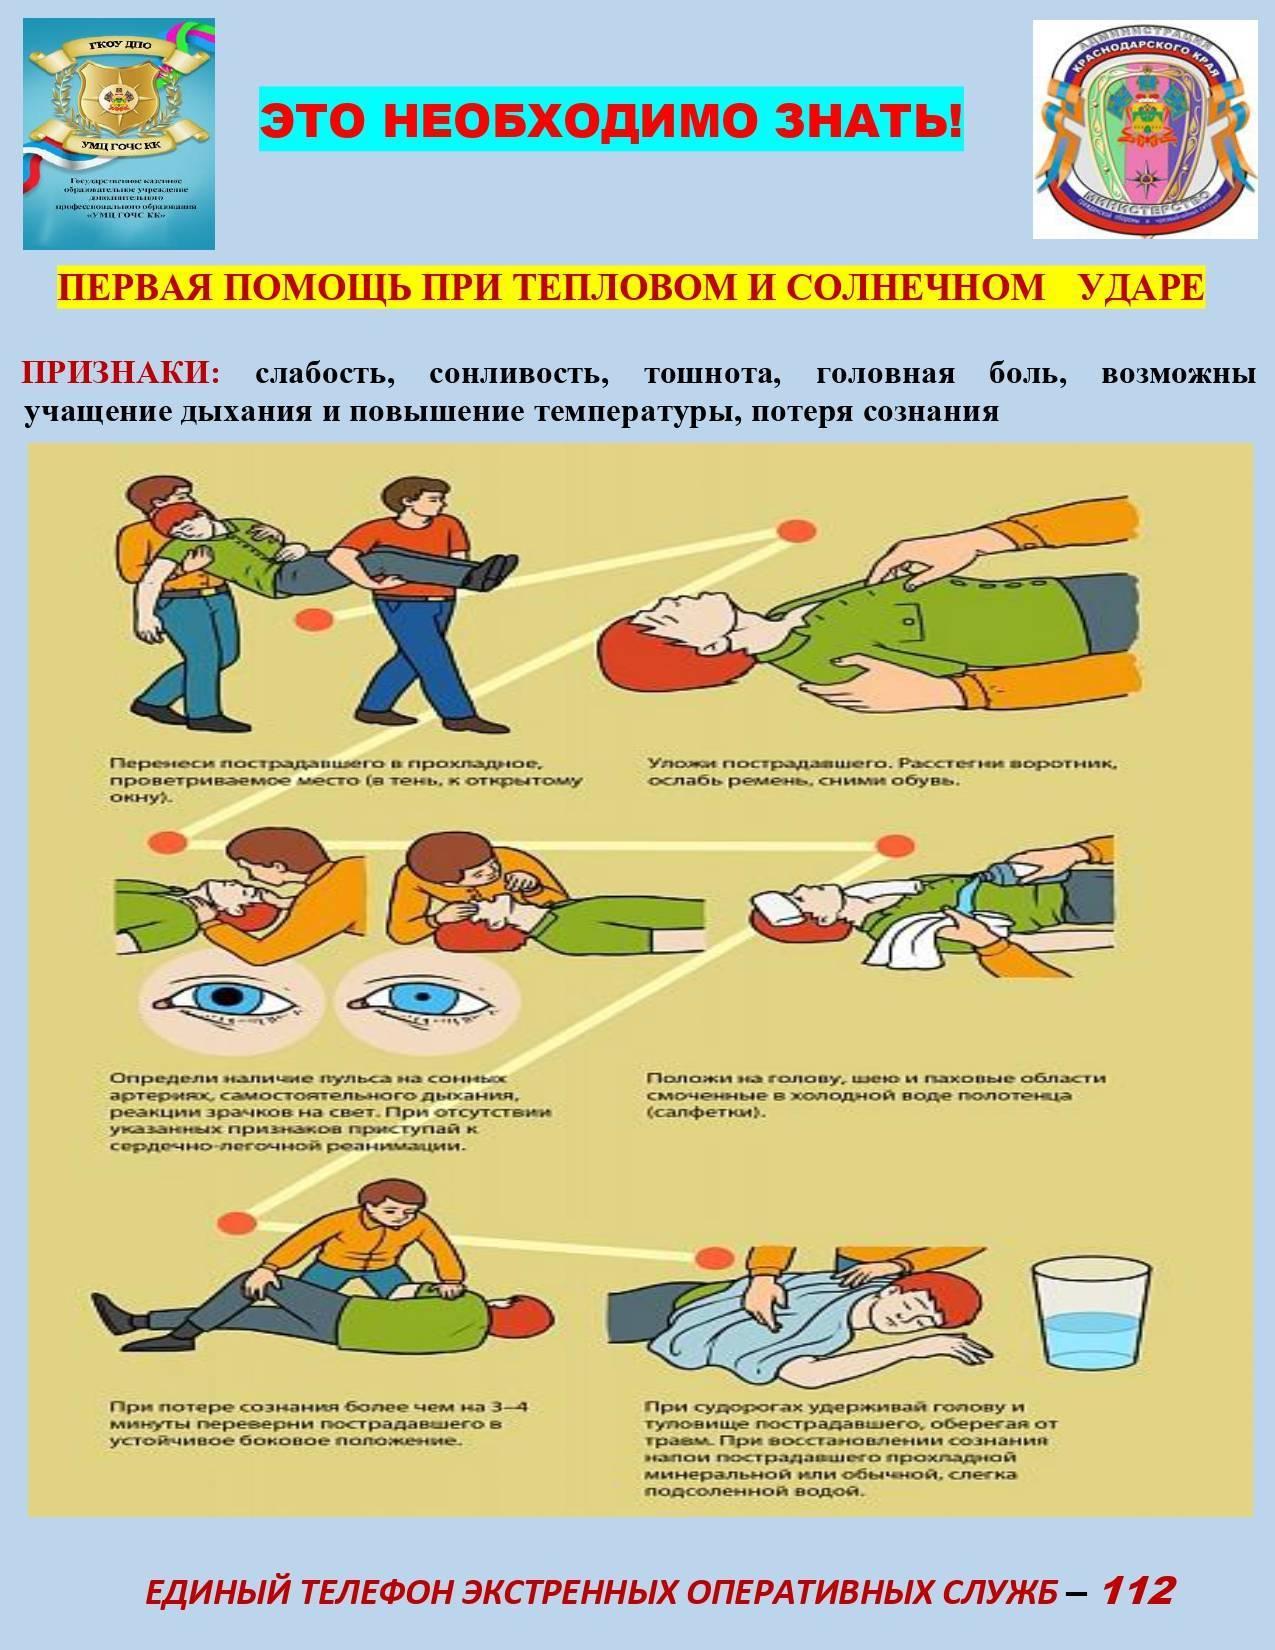 Первая помощь при тепловом ударе у ребенка